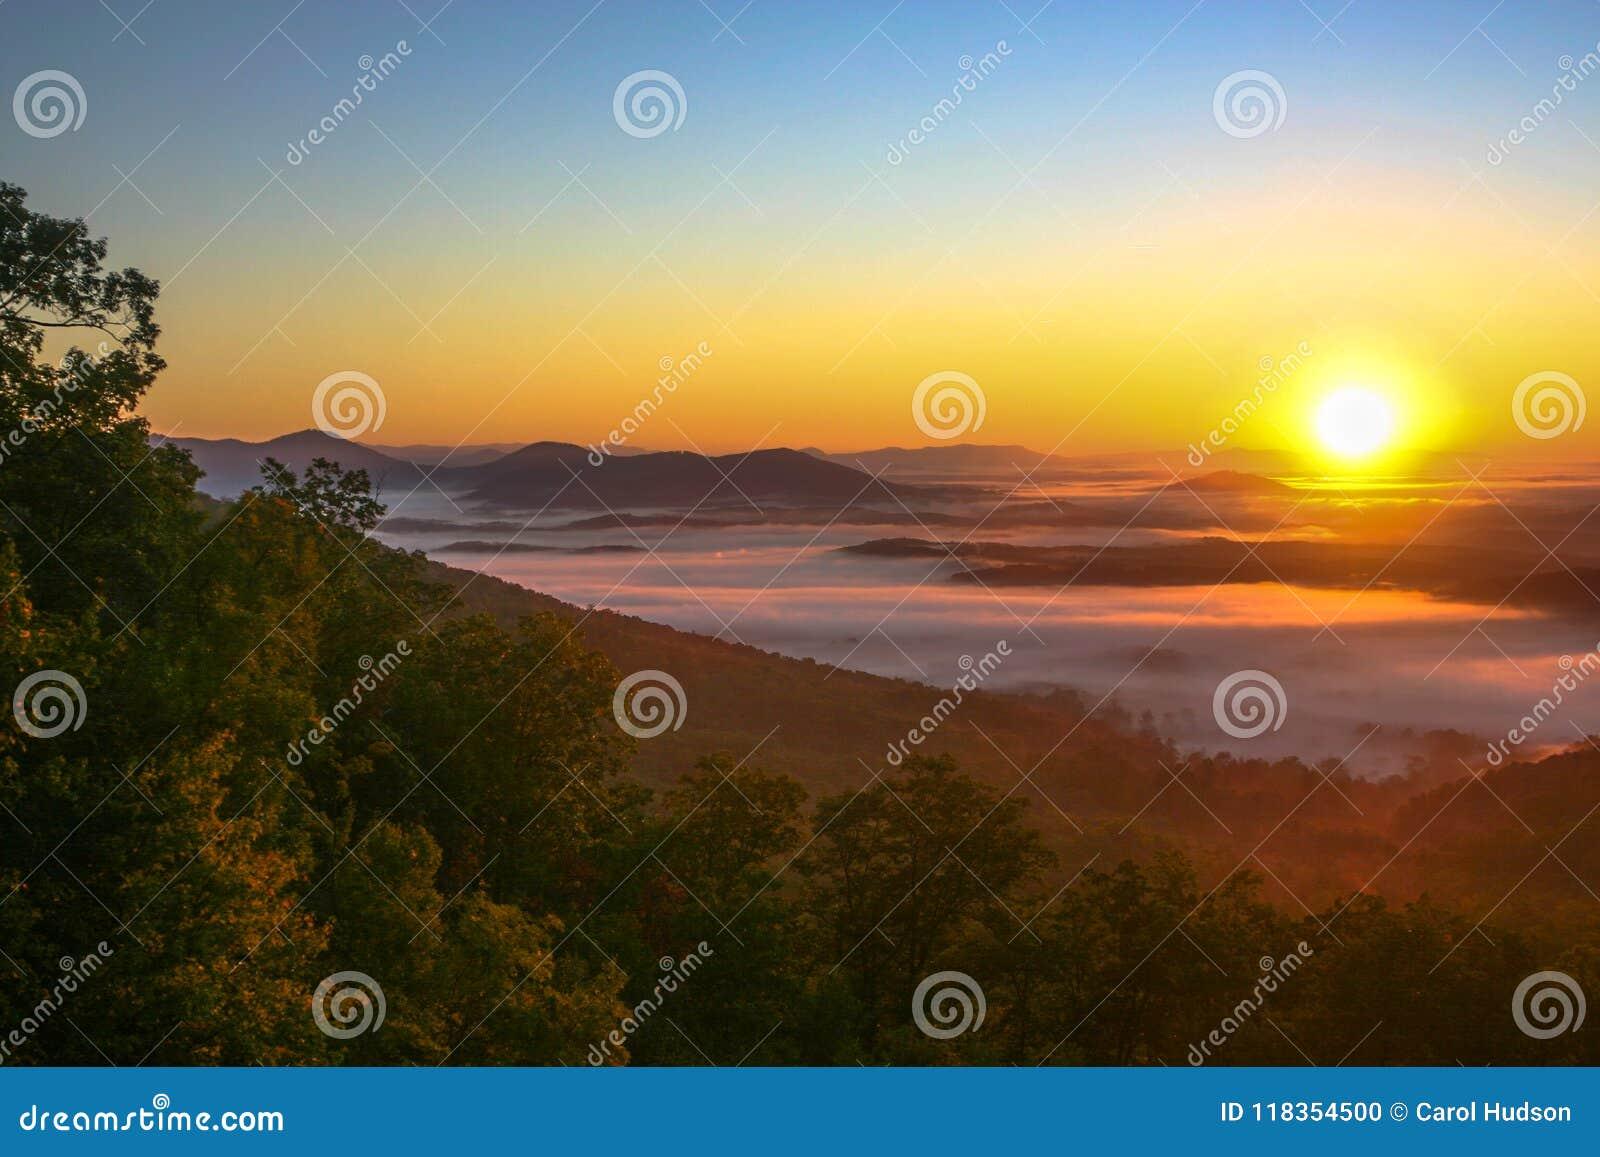 Salida del sol en señuelo del lago con niebla en el valle